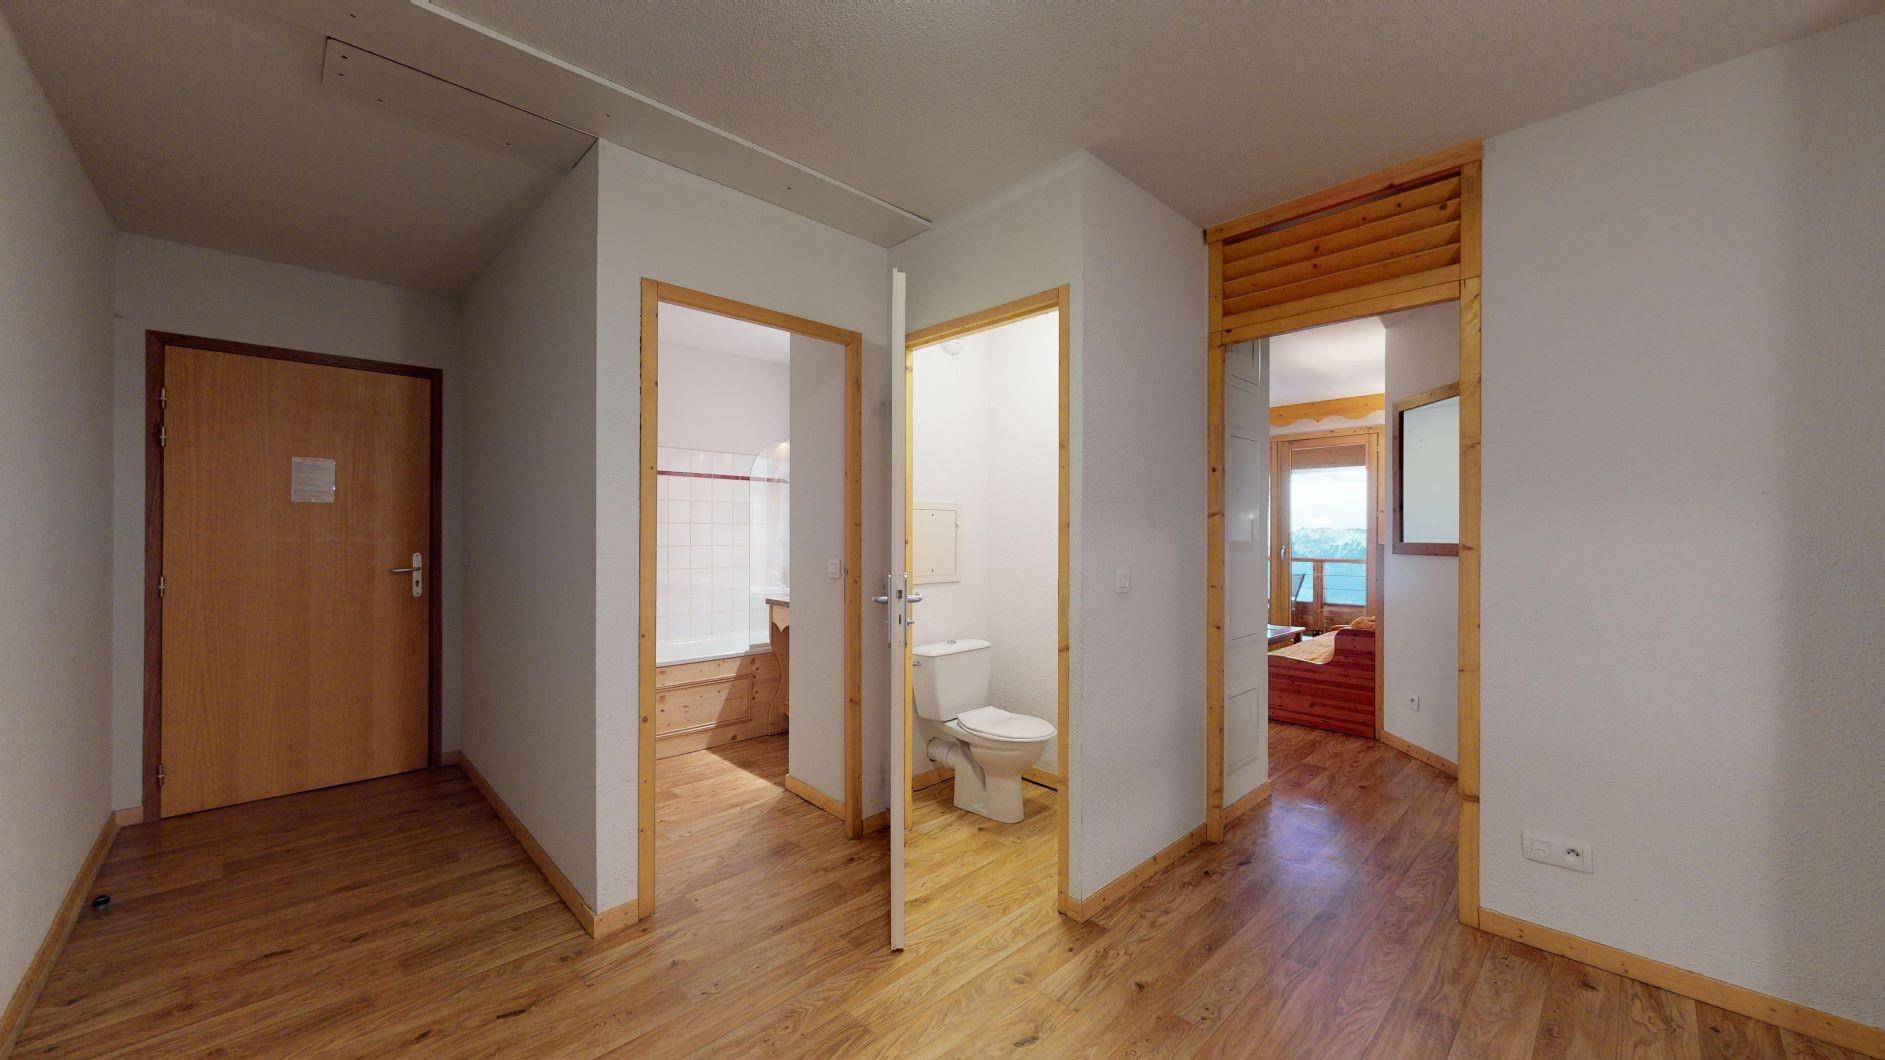 alpvision-residences-chamrousse-6-12162019-131701-1225861